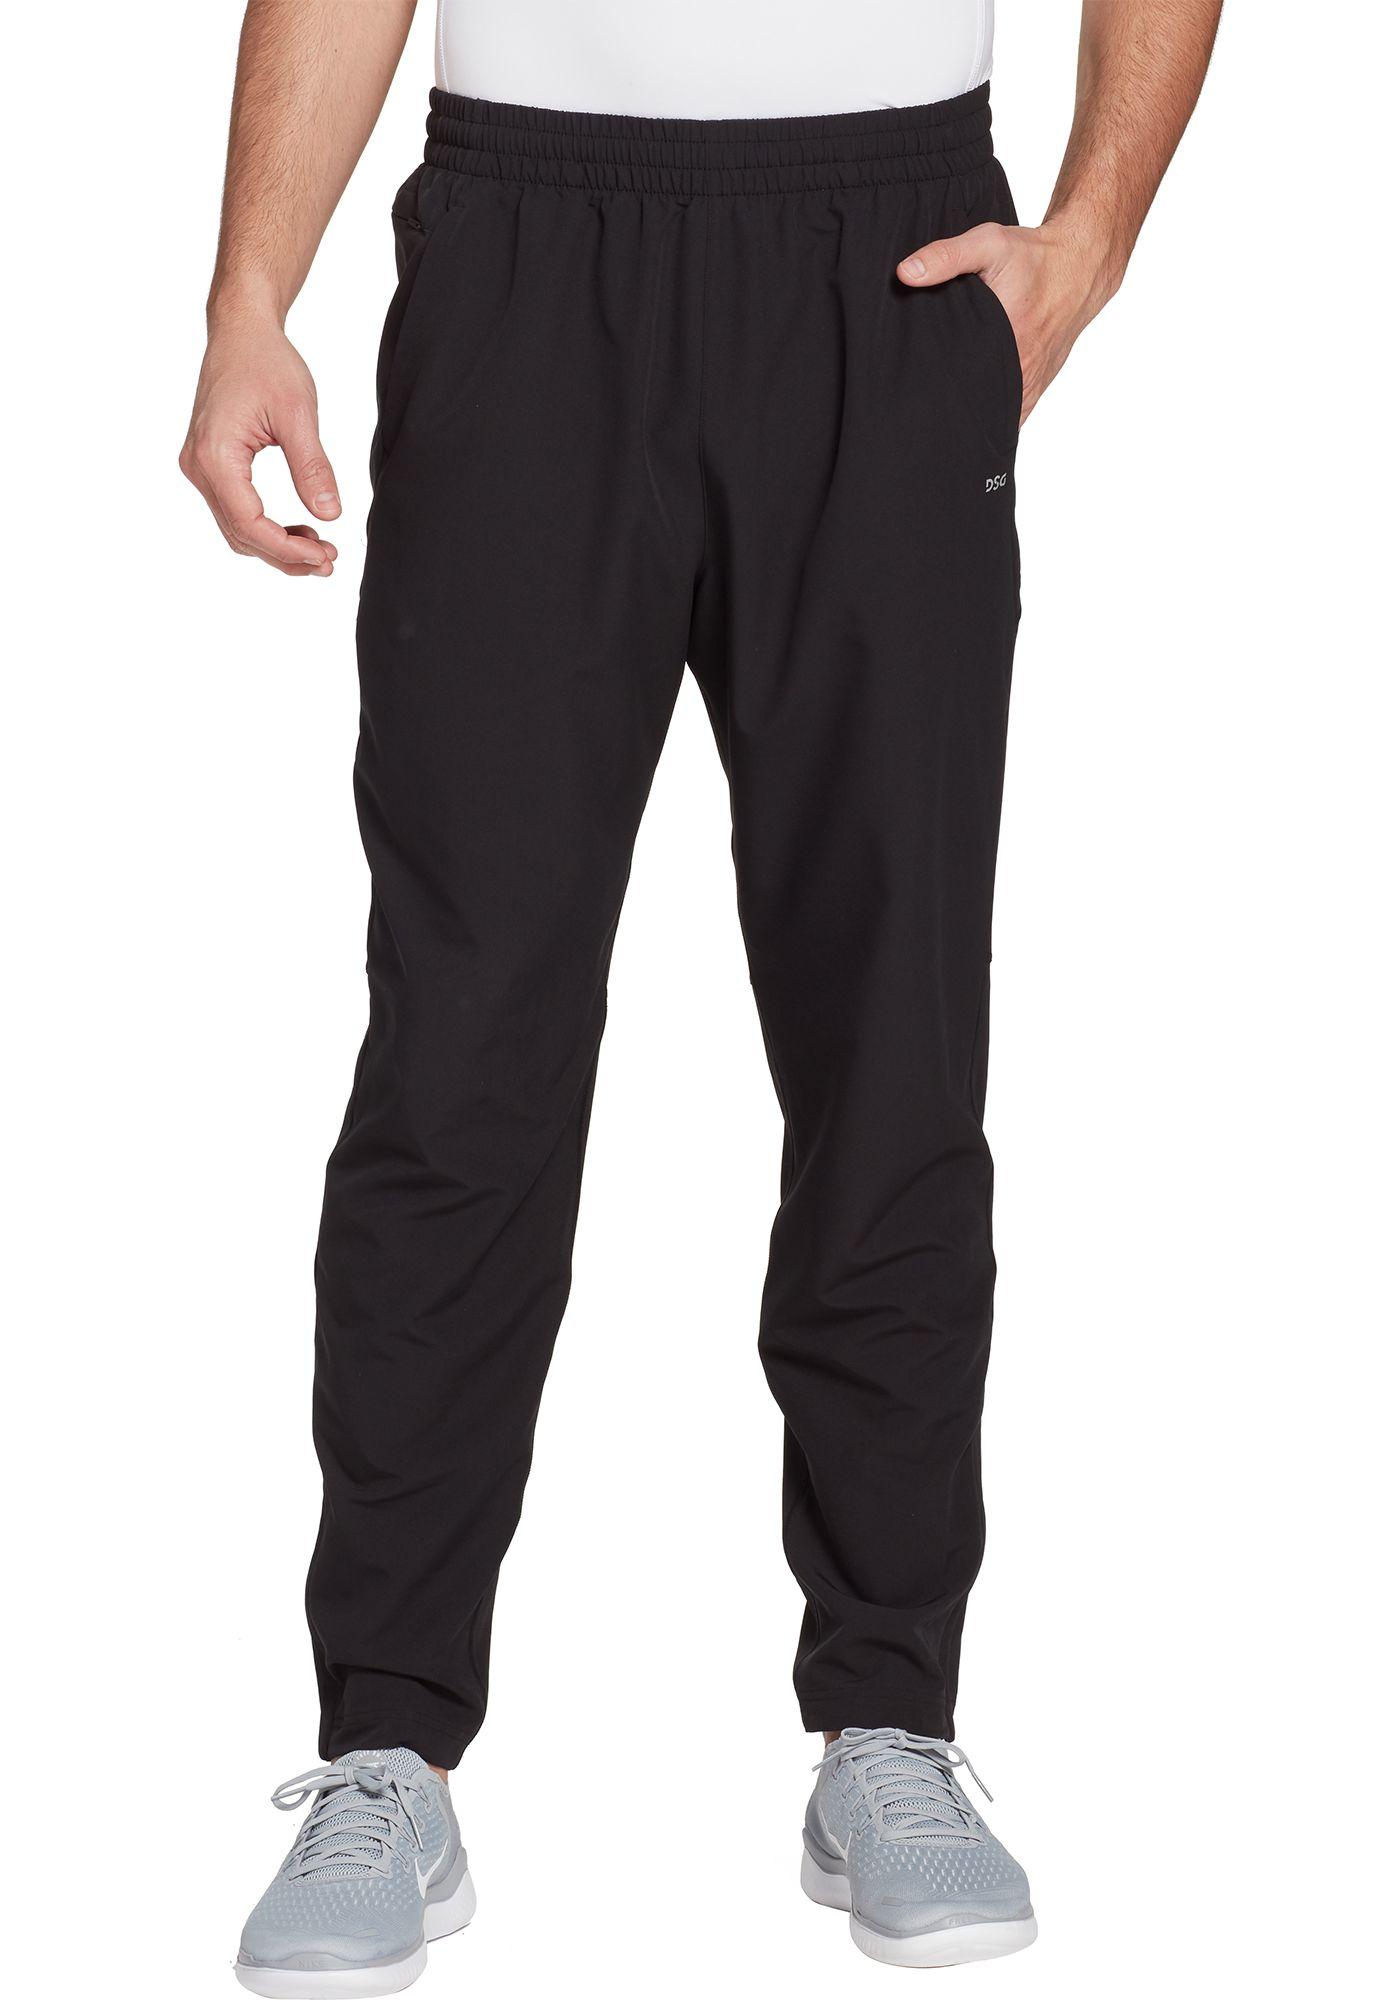 DSG Men's Woven Running Pants